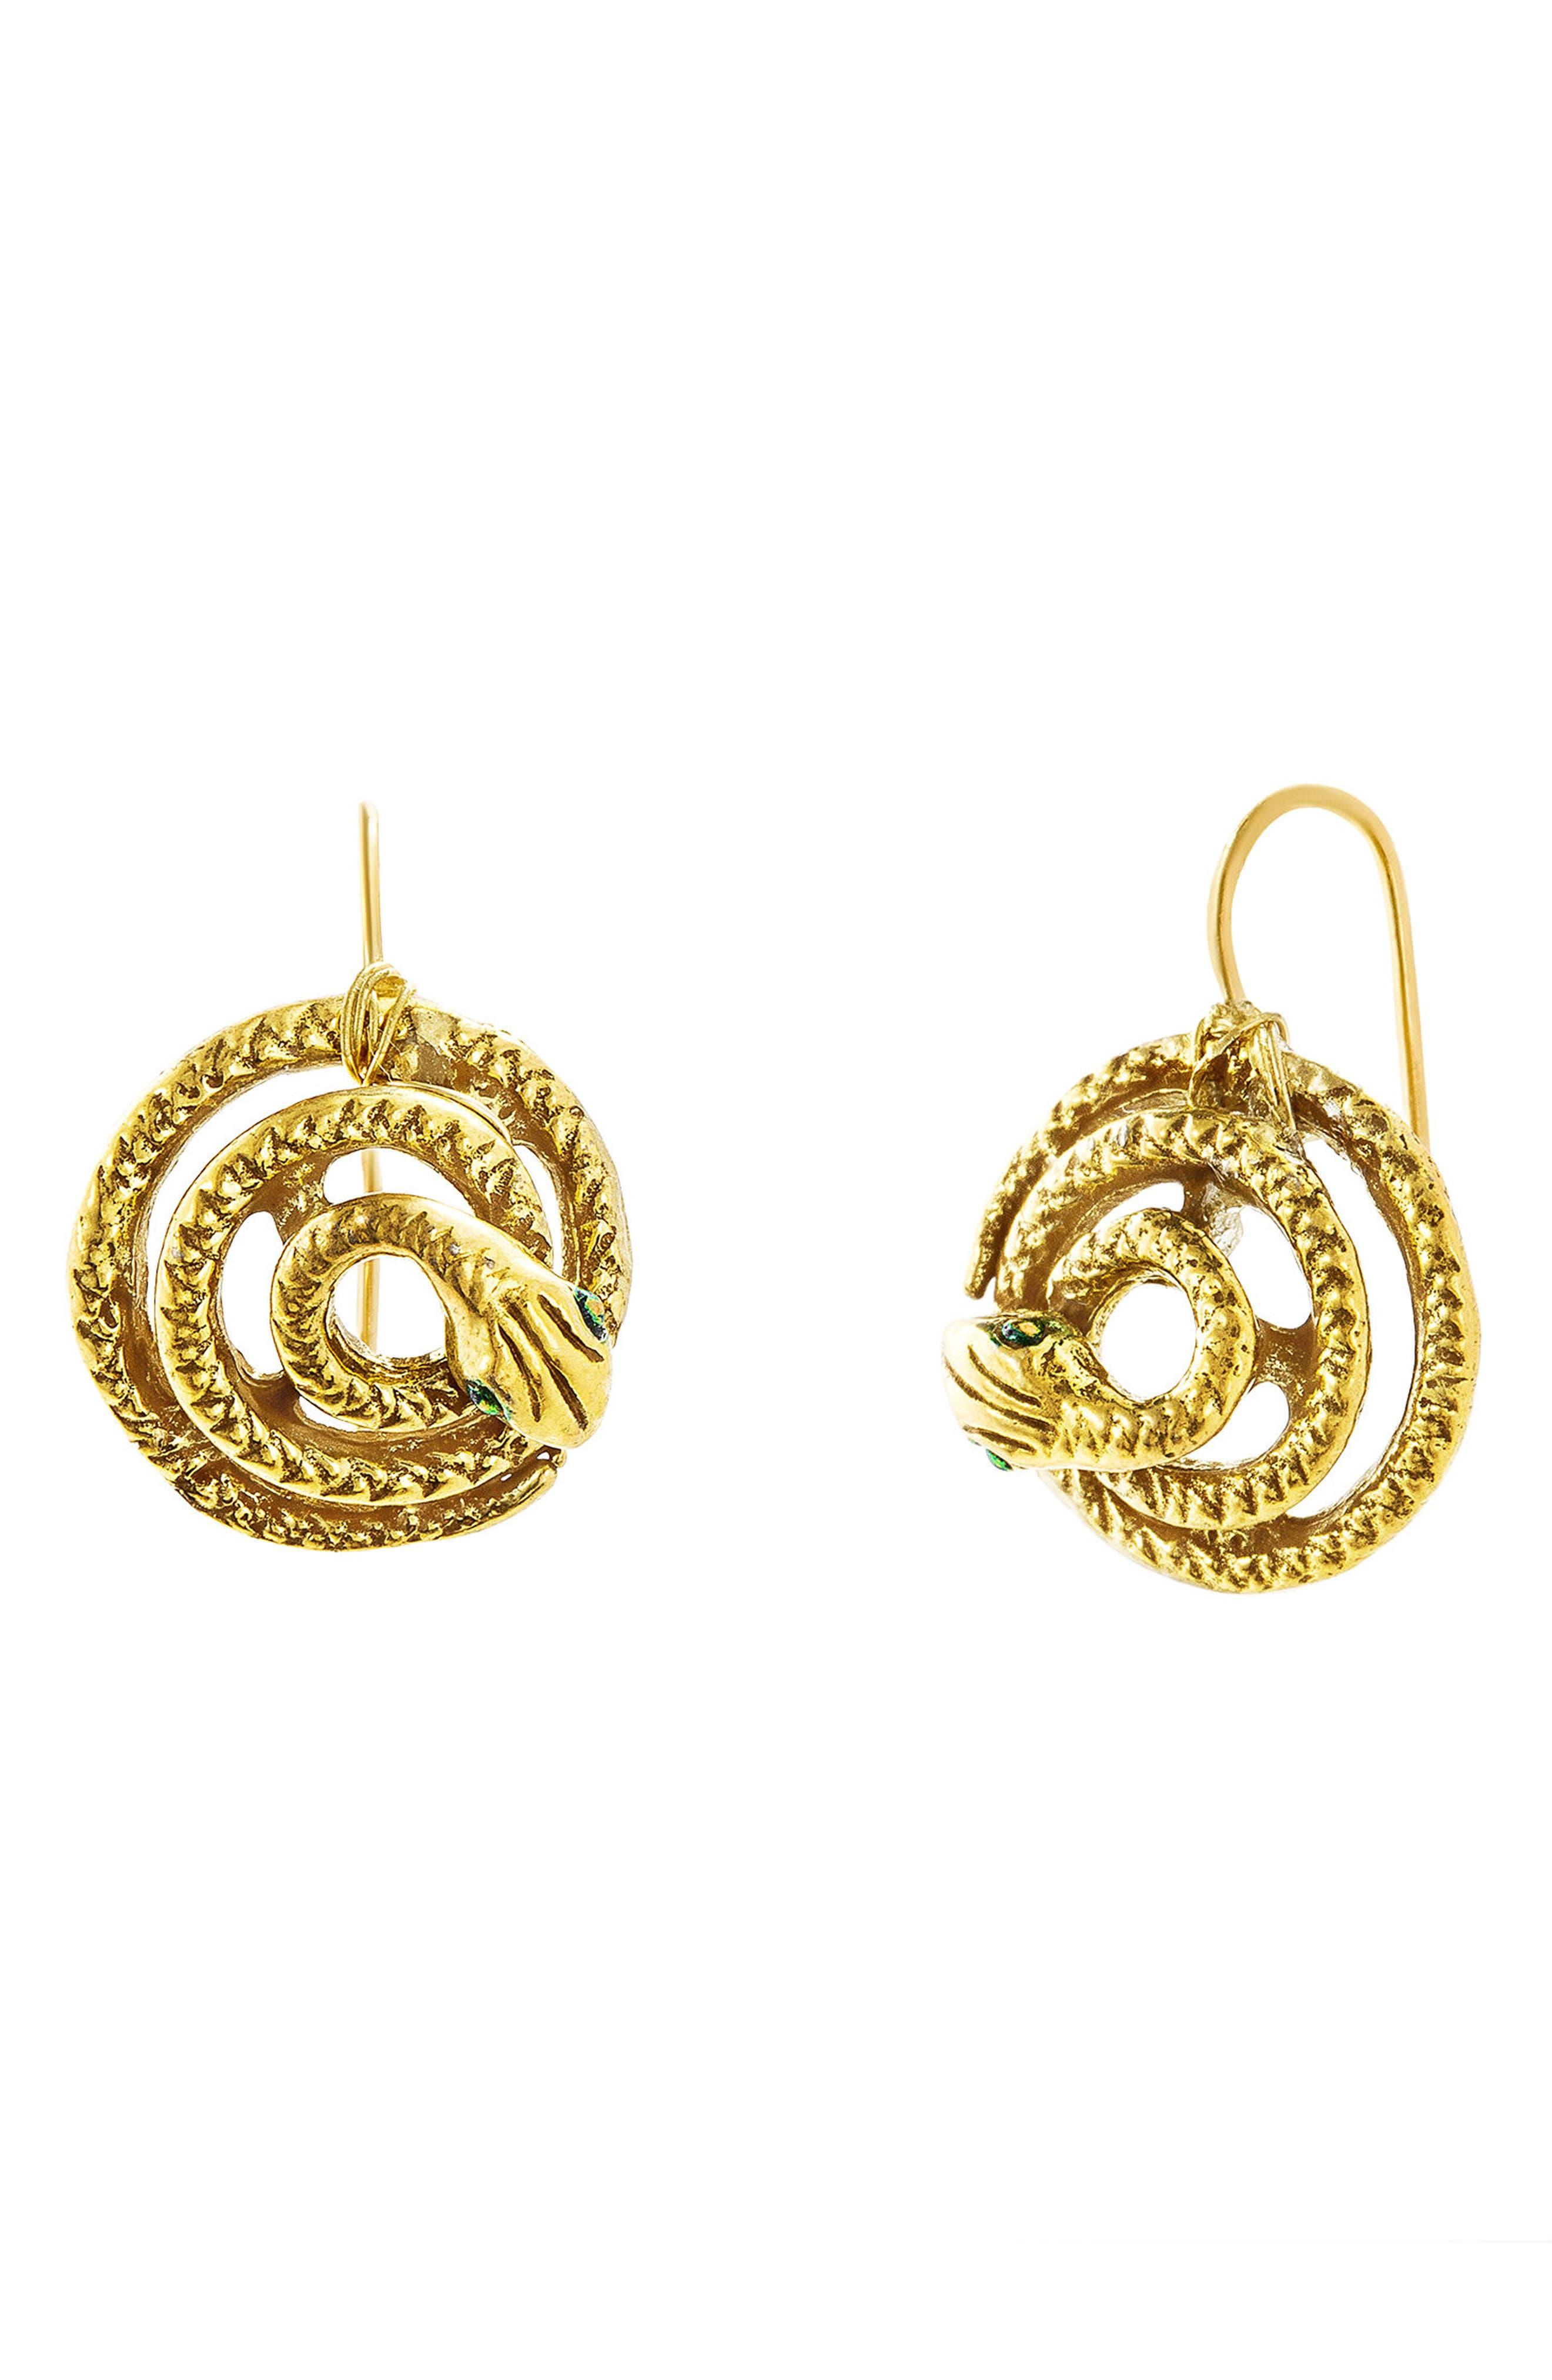 Alternate Image 1 Selected - Steve Madden Snake Earrings